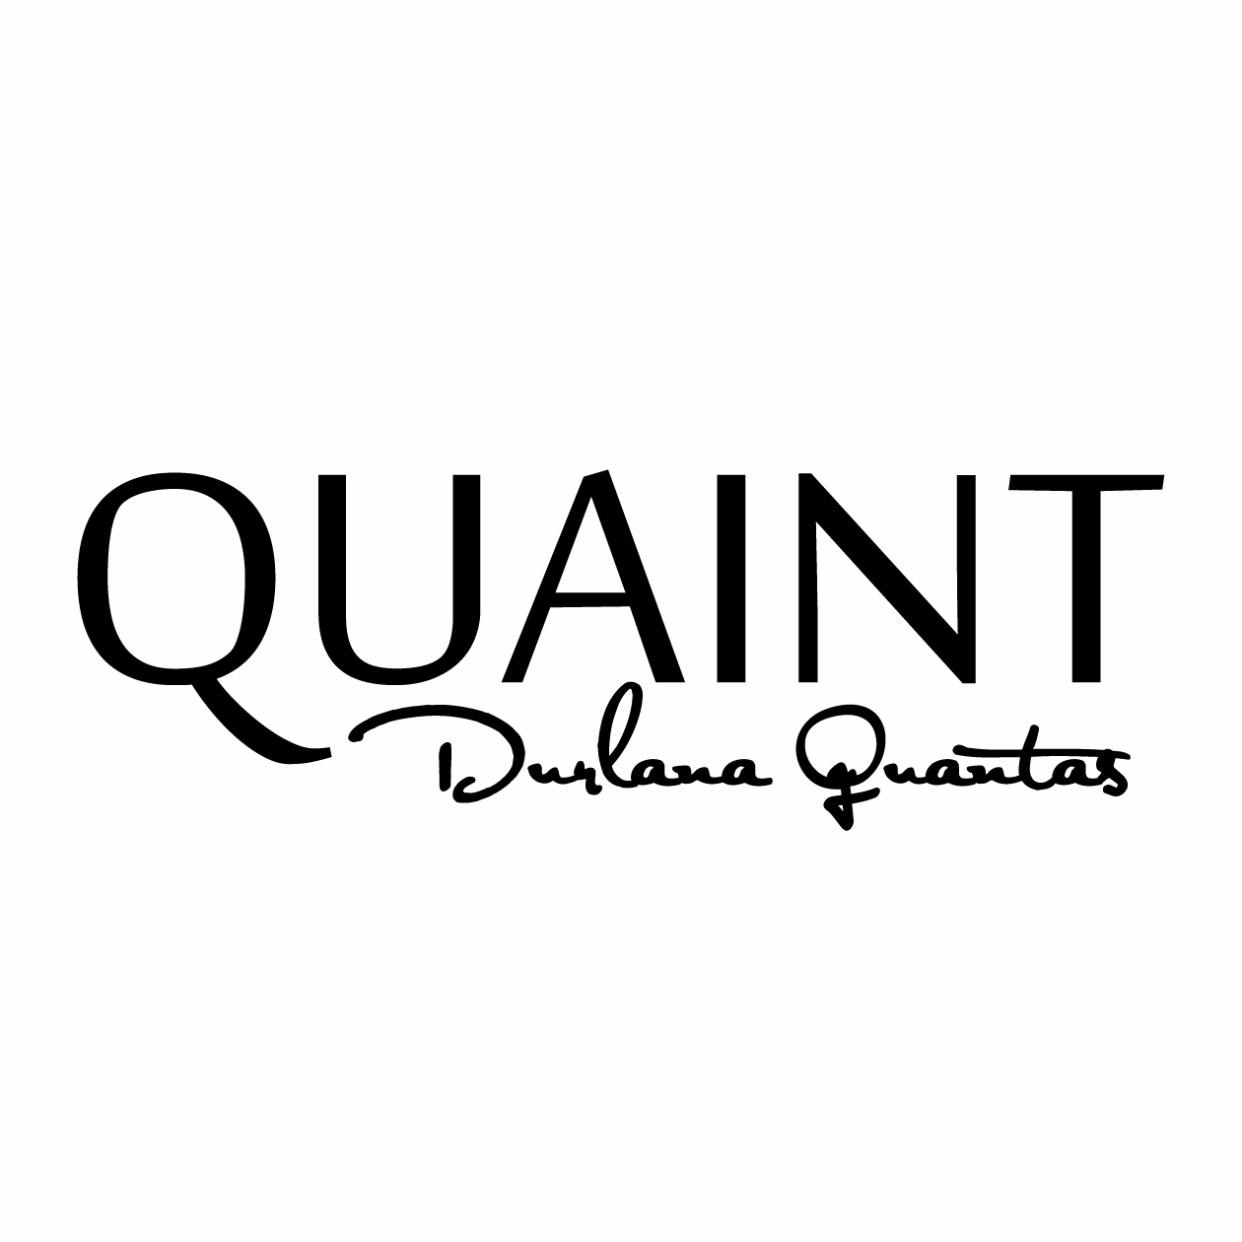 Quaint